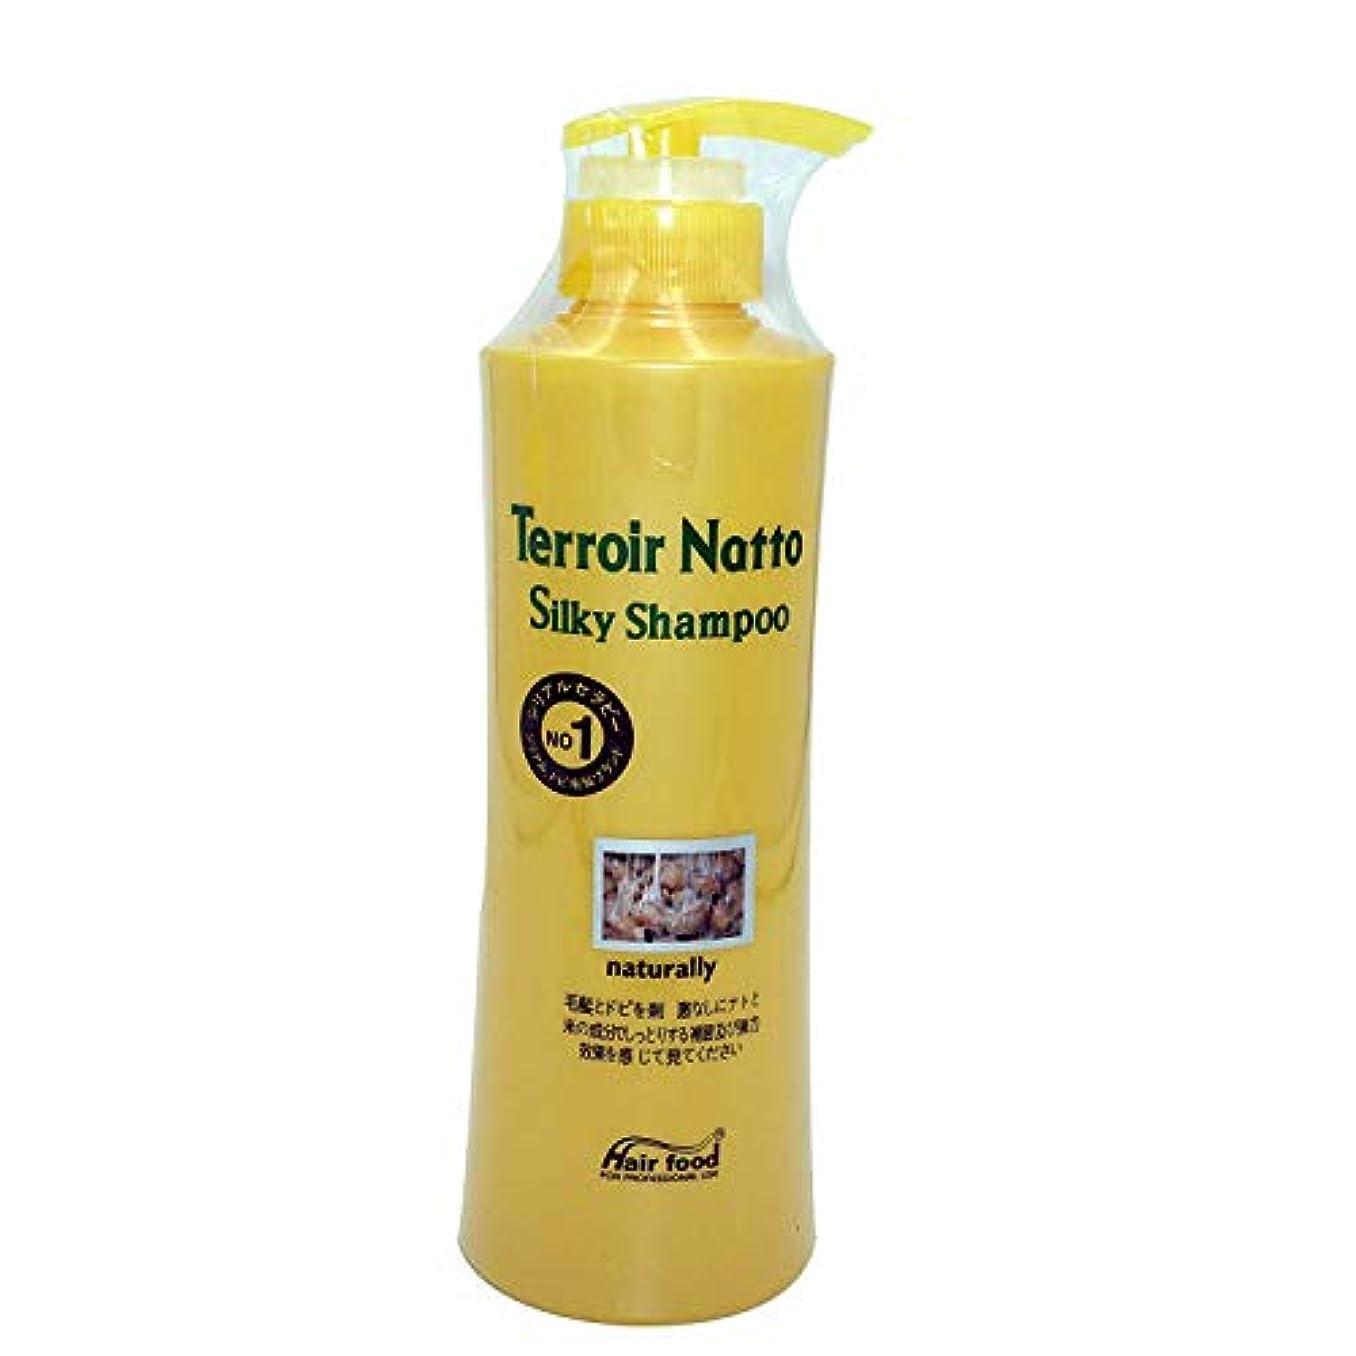 アーネストシャクルトン静かな統治するHair food テロワール納豆シルキーシャンプー500ml、乾燥薄毛とセンシティブな頭皮用 - ビタミンタンパクによる弾力ヘア (Terroir Natto Silky Shampoo 500ml for Dry Thin Hair and Sensitive Scalp - Elastic Hair by Vitamin Protein)[並行輸入品]